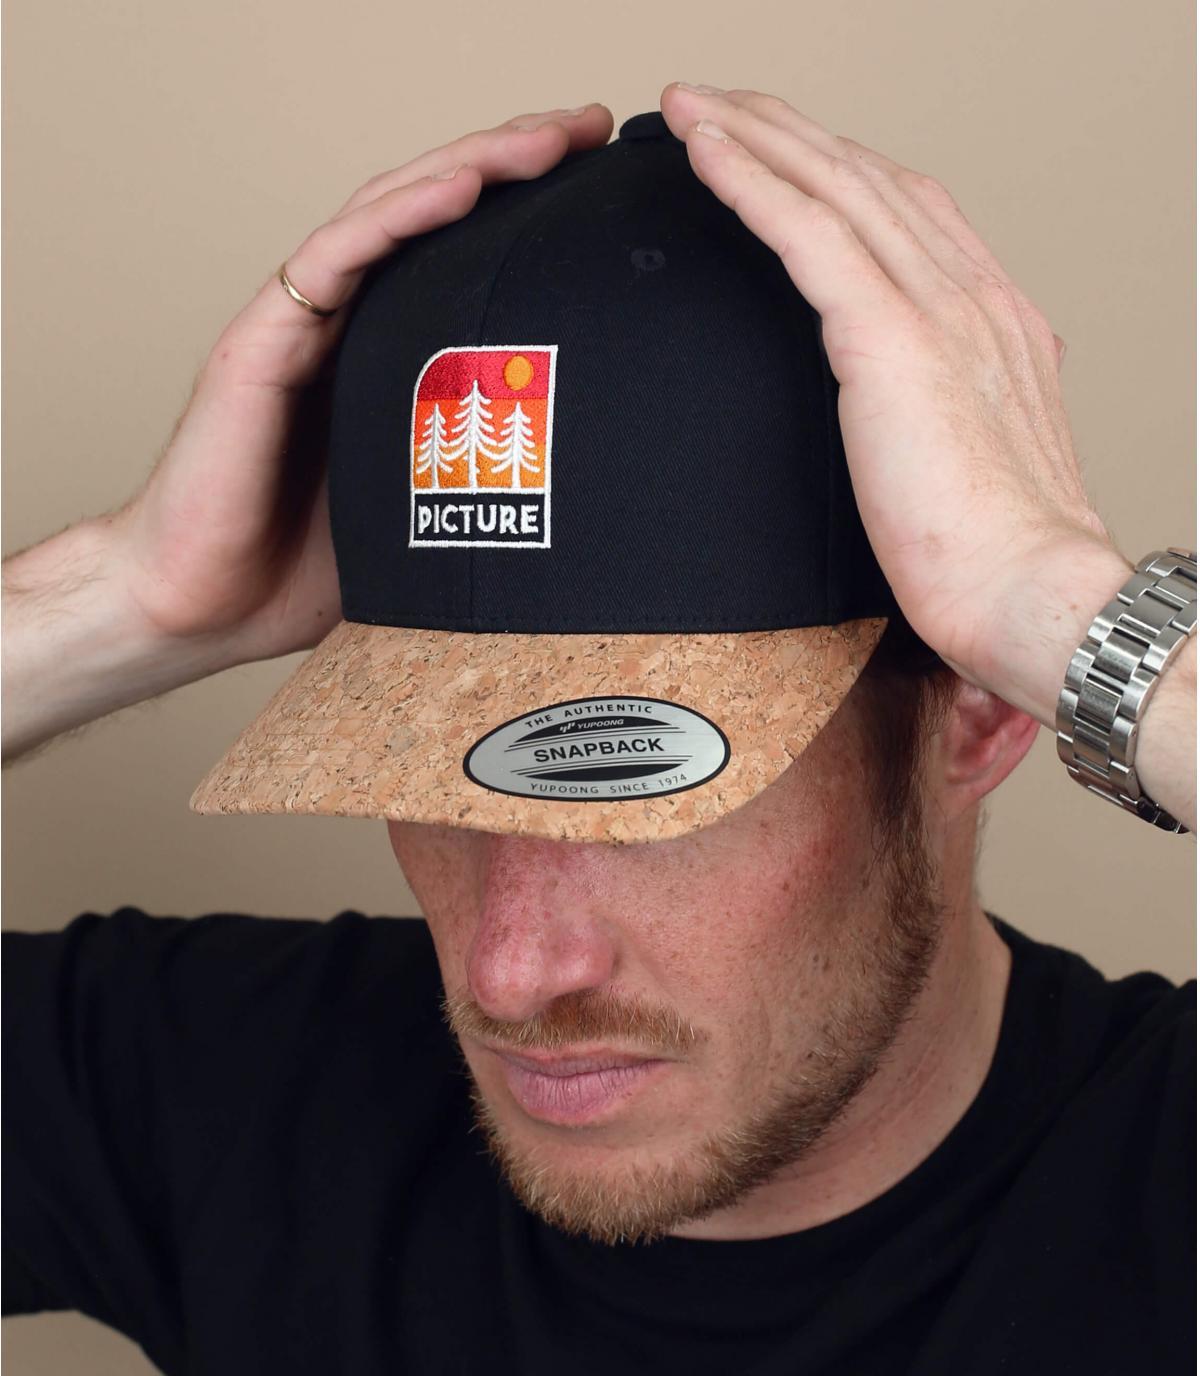 cappellino Picture nero patch